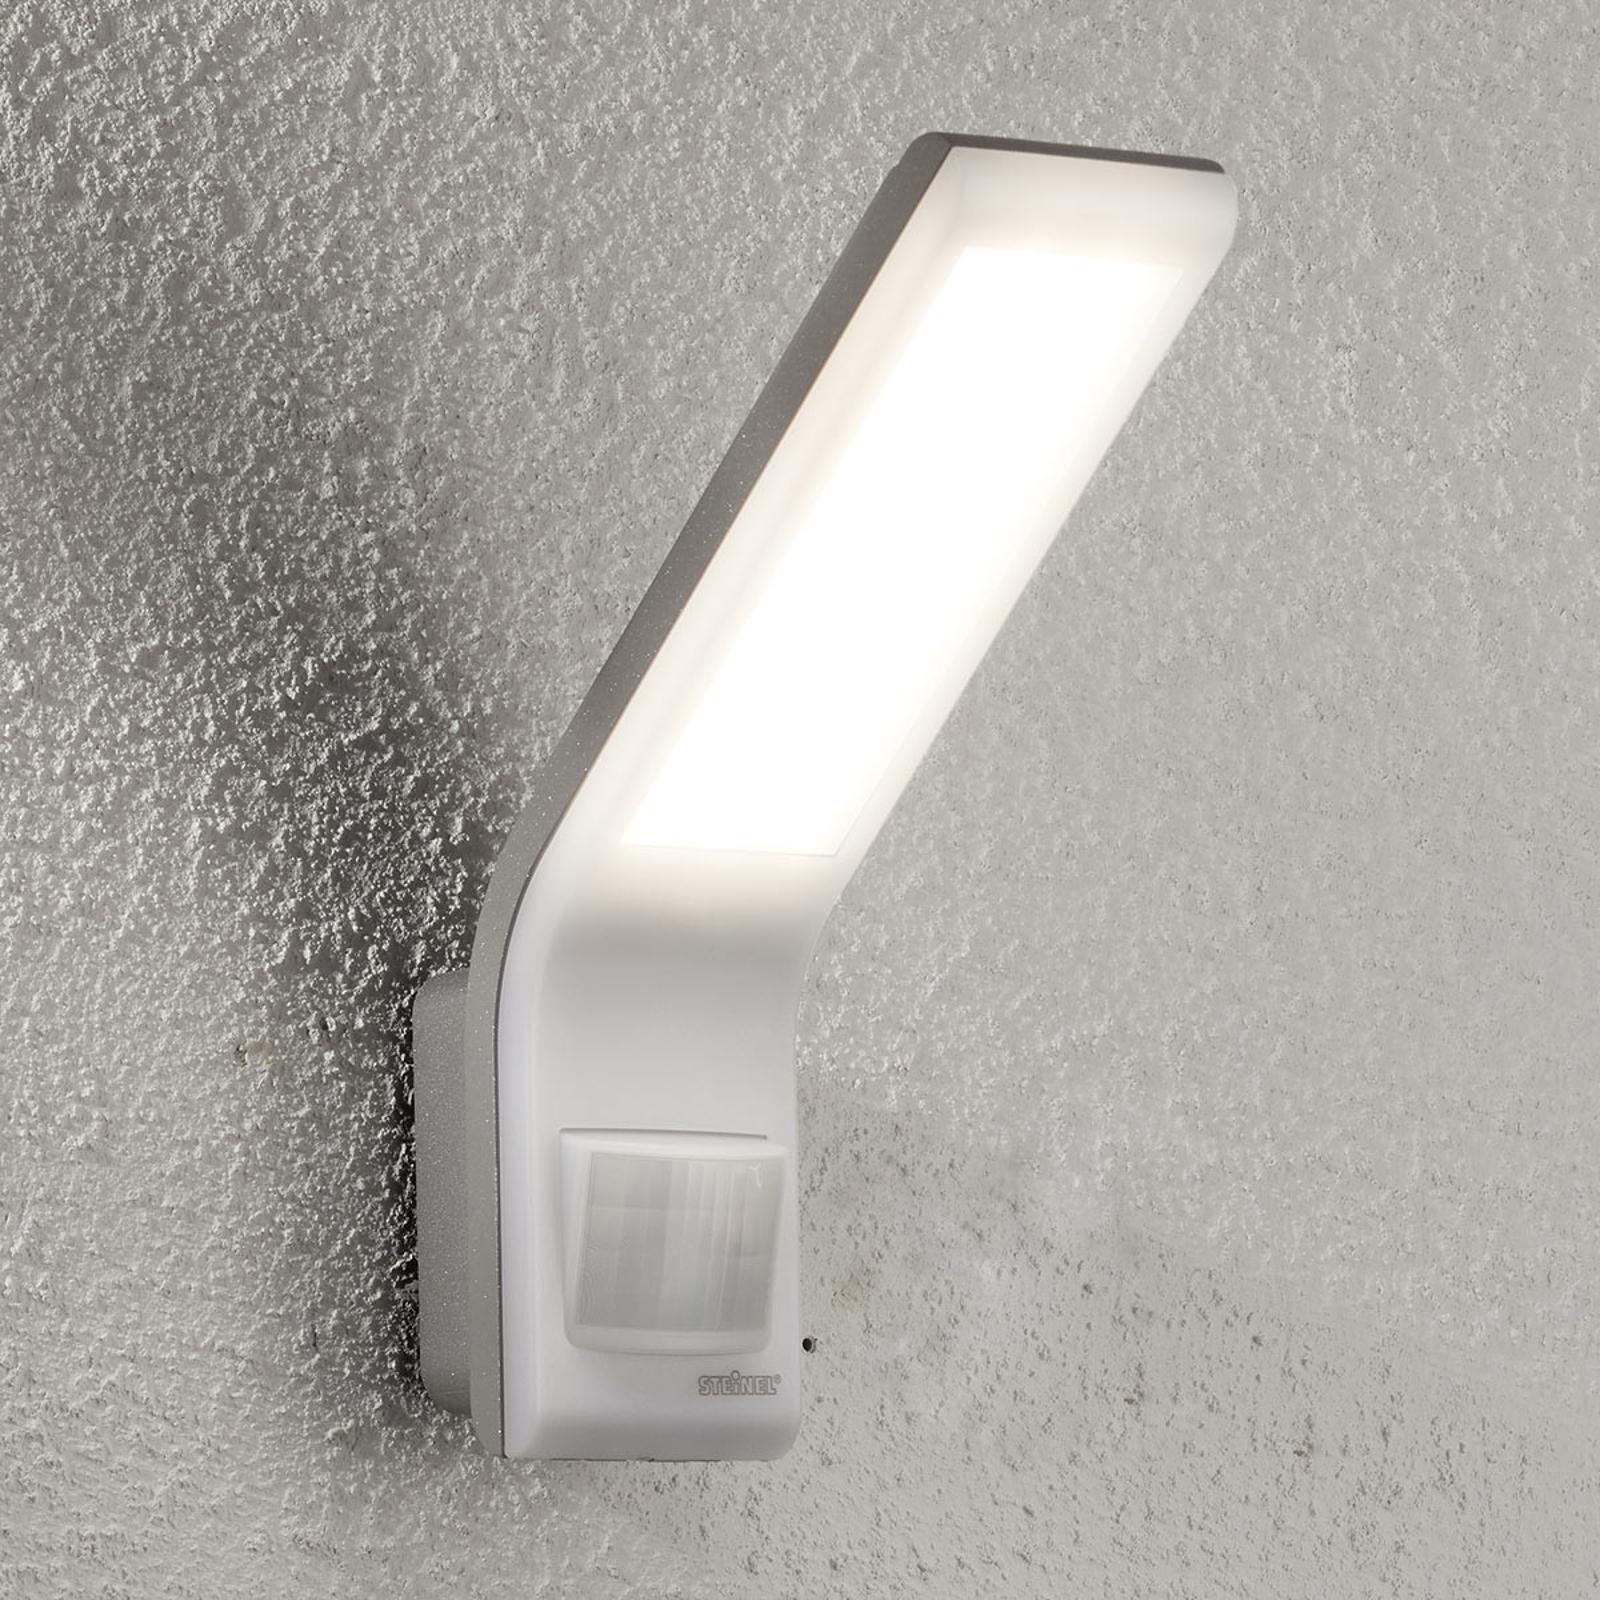 STEINEL XLED slim Sensor-Außenwandleuchte weiß